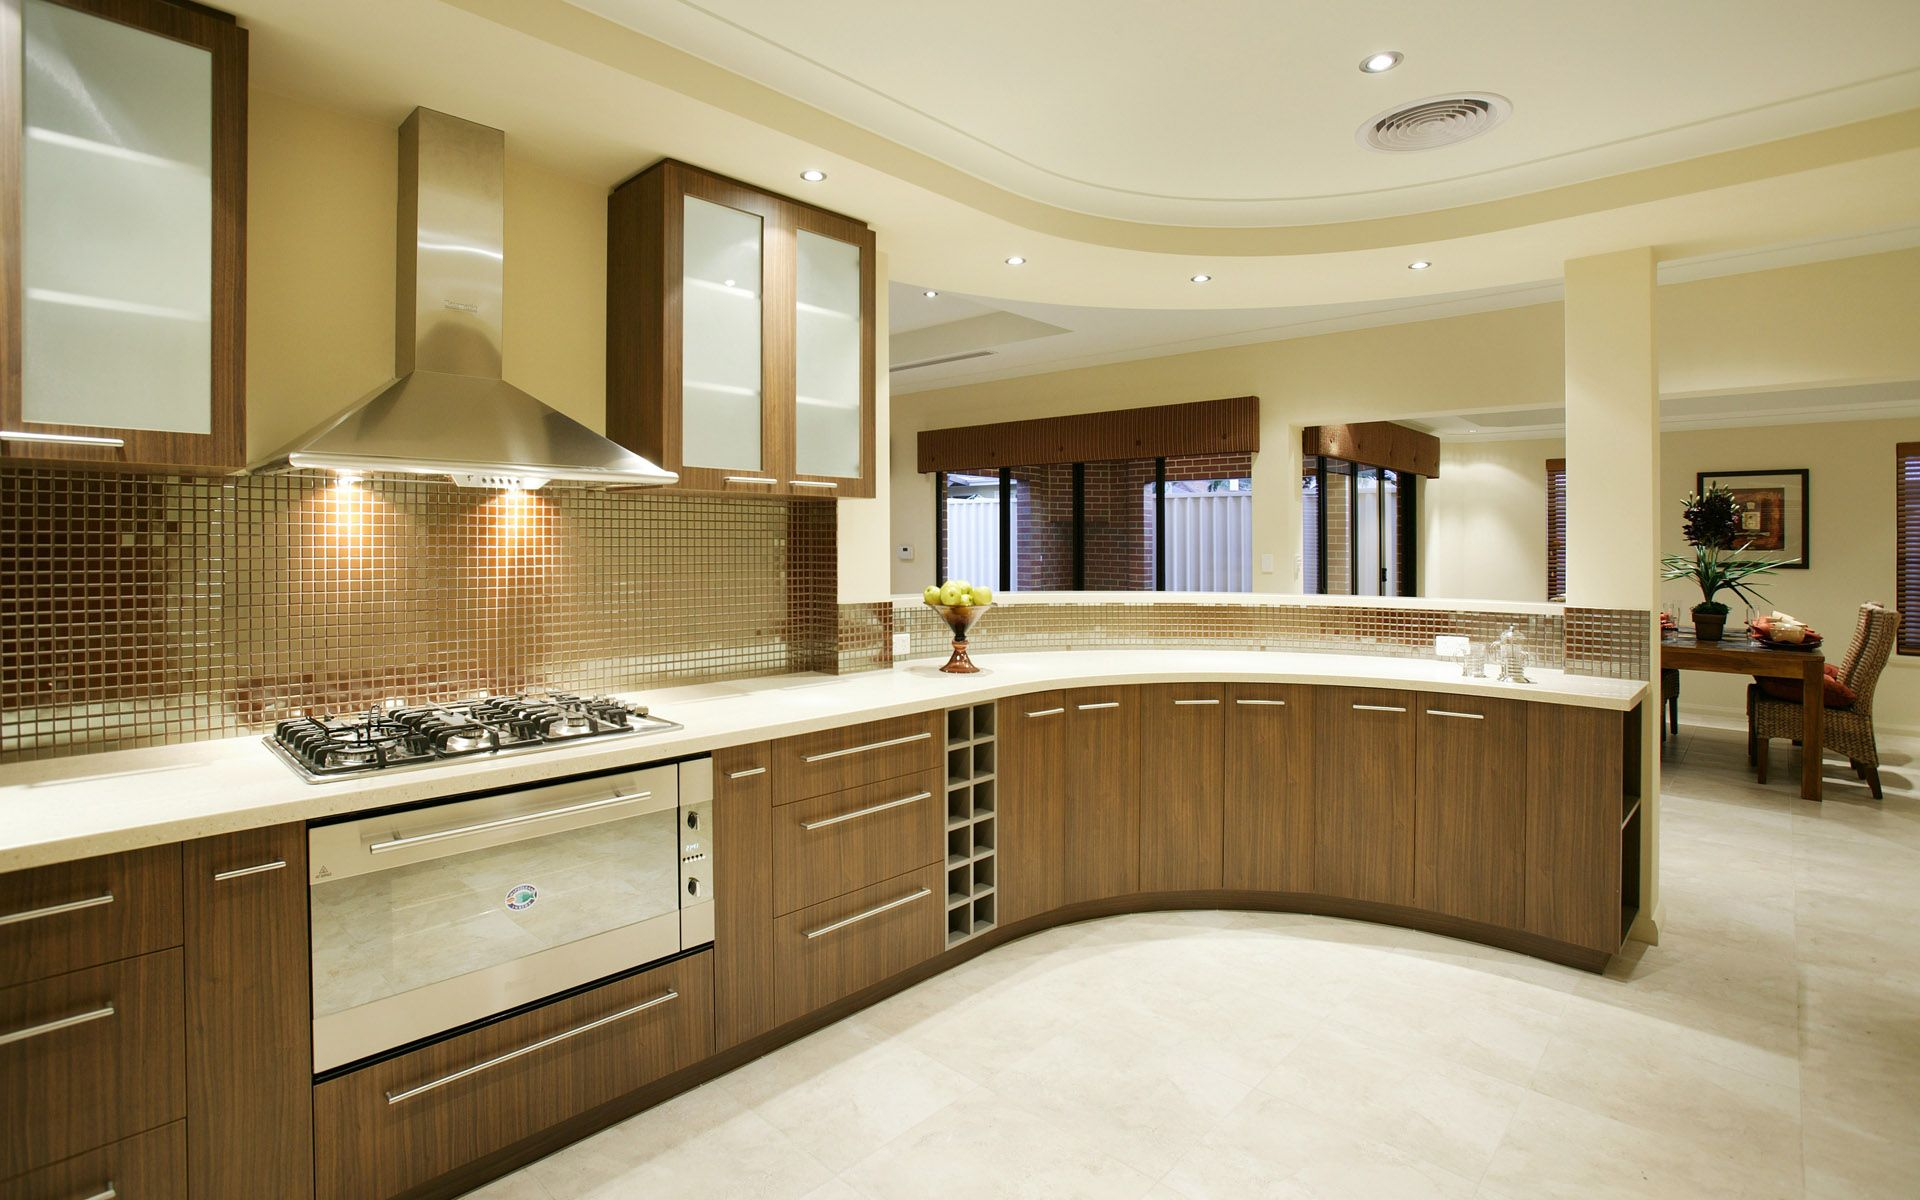 New Modern Kitchen Design Luxury Kitchens Modern Kitchen Design Kitchen Furniture Design